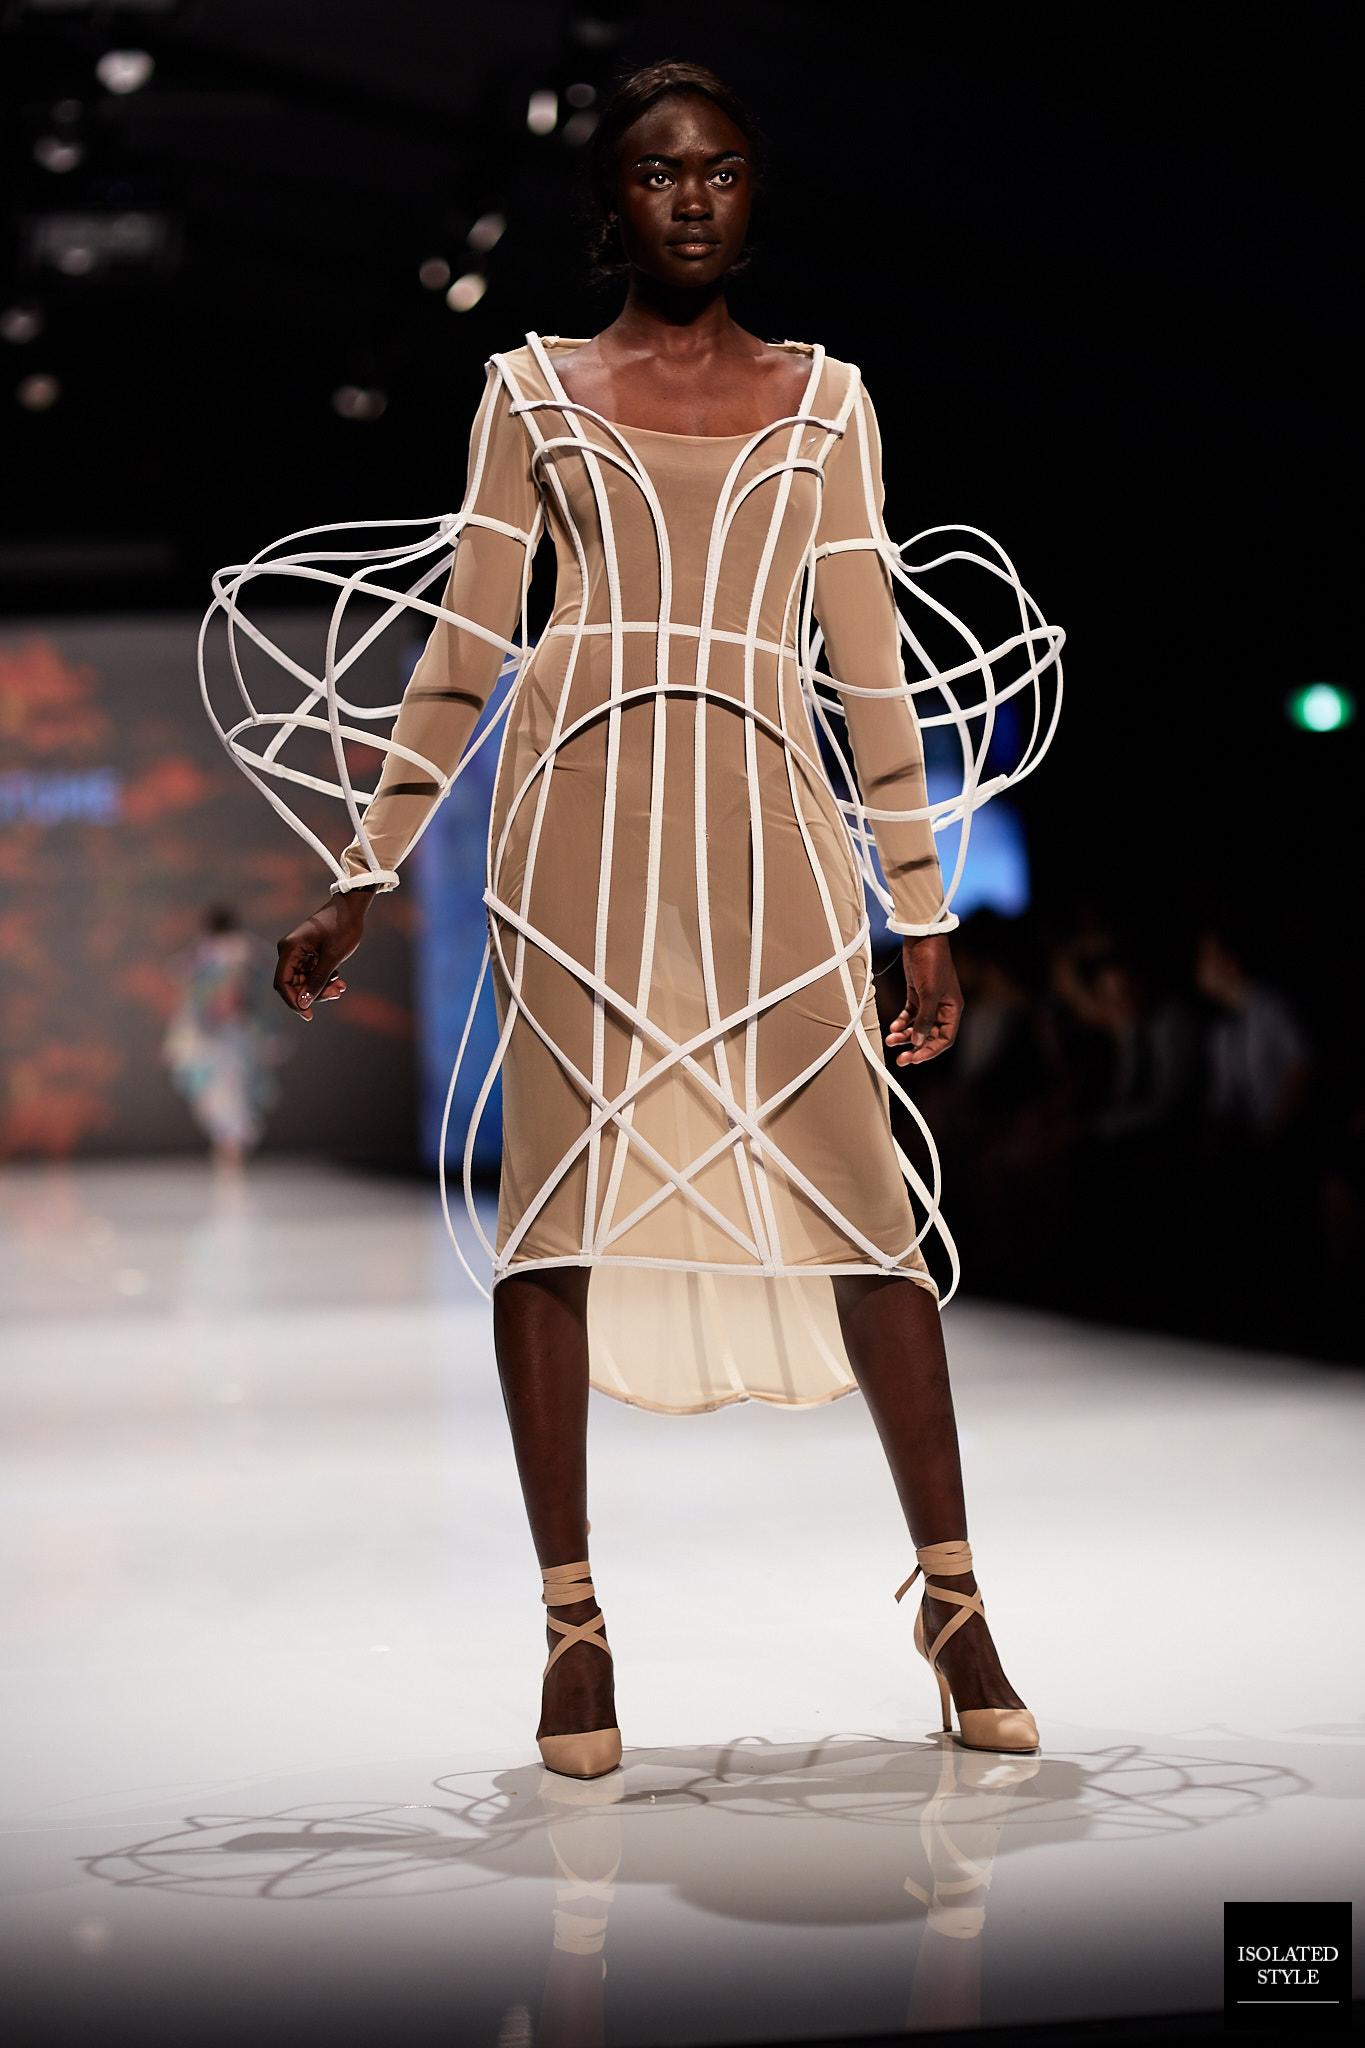 Model: Shudia